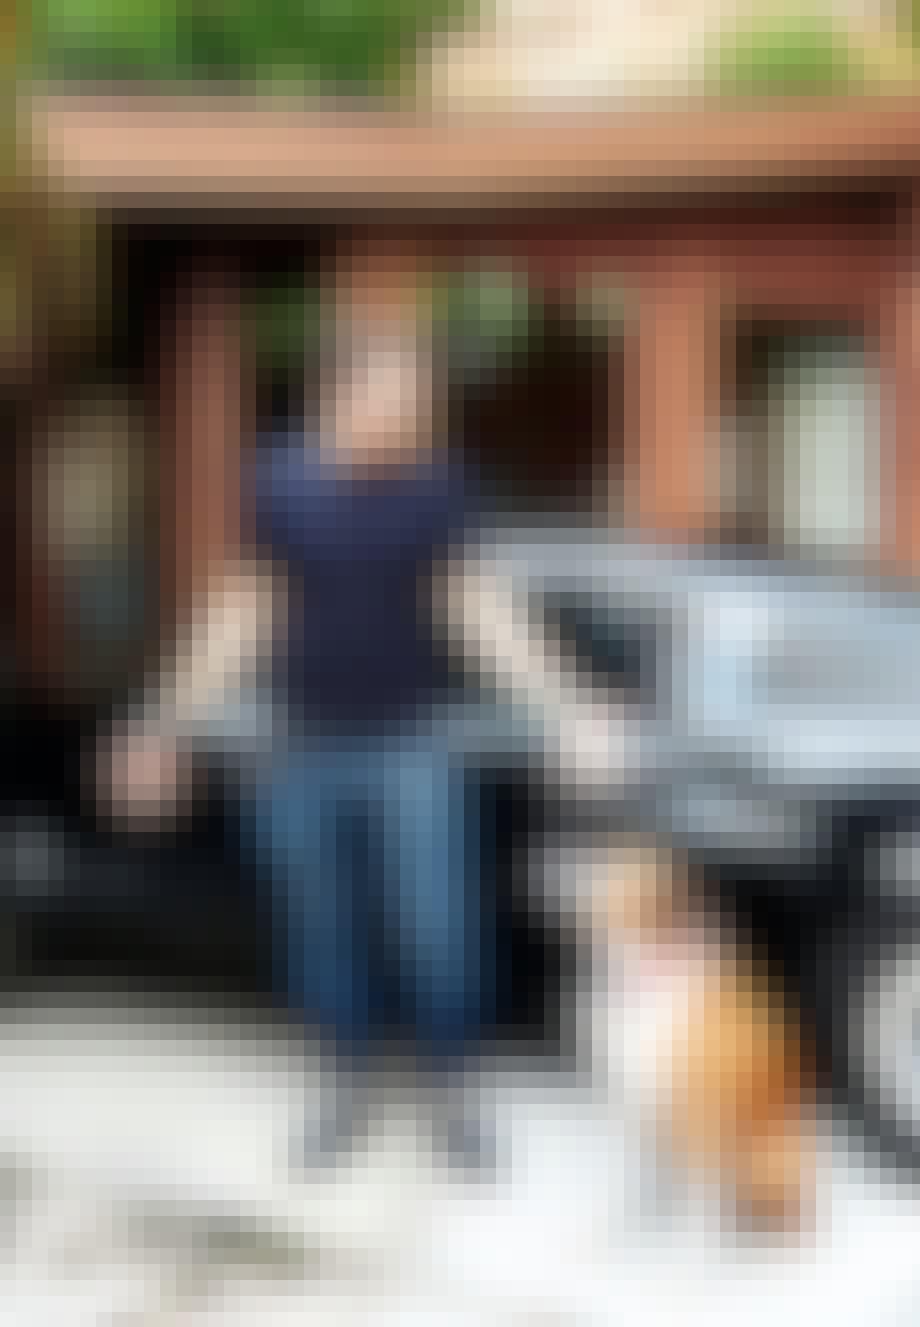 Jonathan Lennard stående foran sin Ford Mustang med sin hund